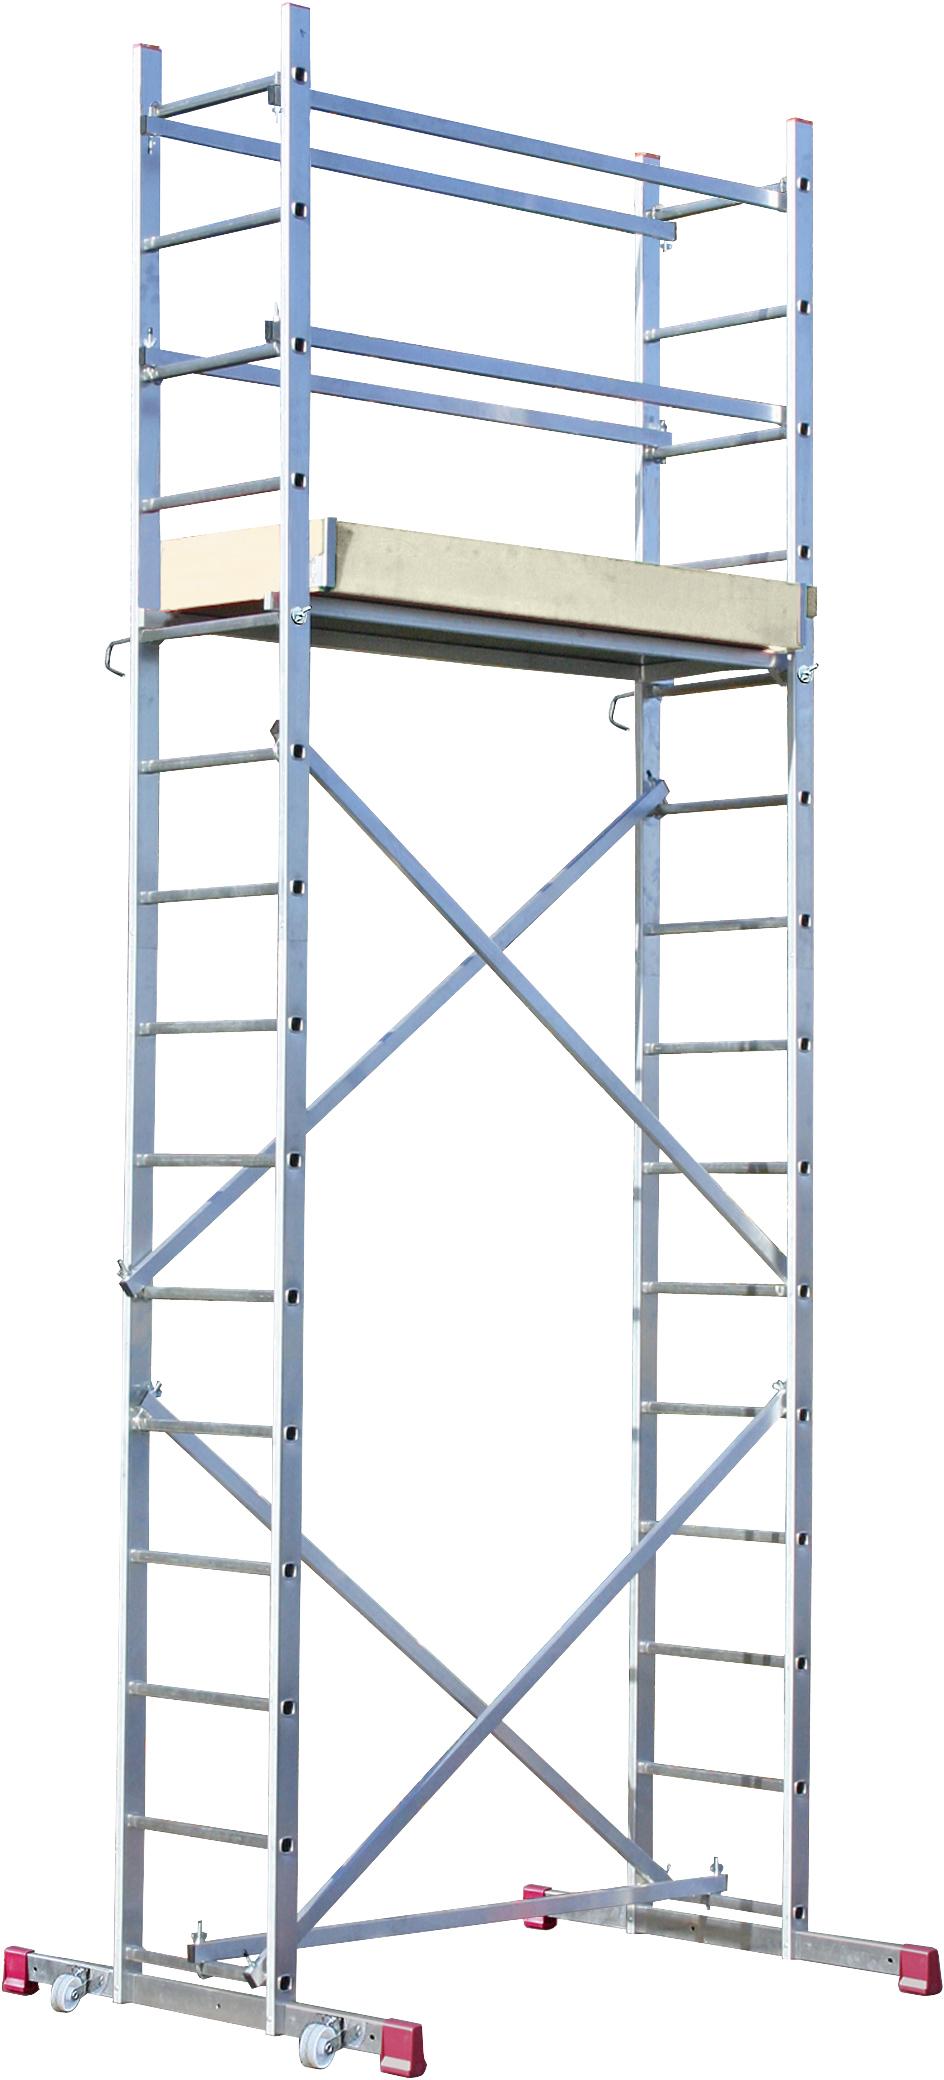 KRAUSE Corda Alu-Montagegerüst mit 5 m Arbeitshöhe für 279 Euro [Globus Baumarkt] mit der 12% Bauhaus TPG für 245,52 Euro [Bauhaus]